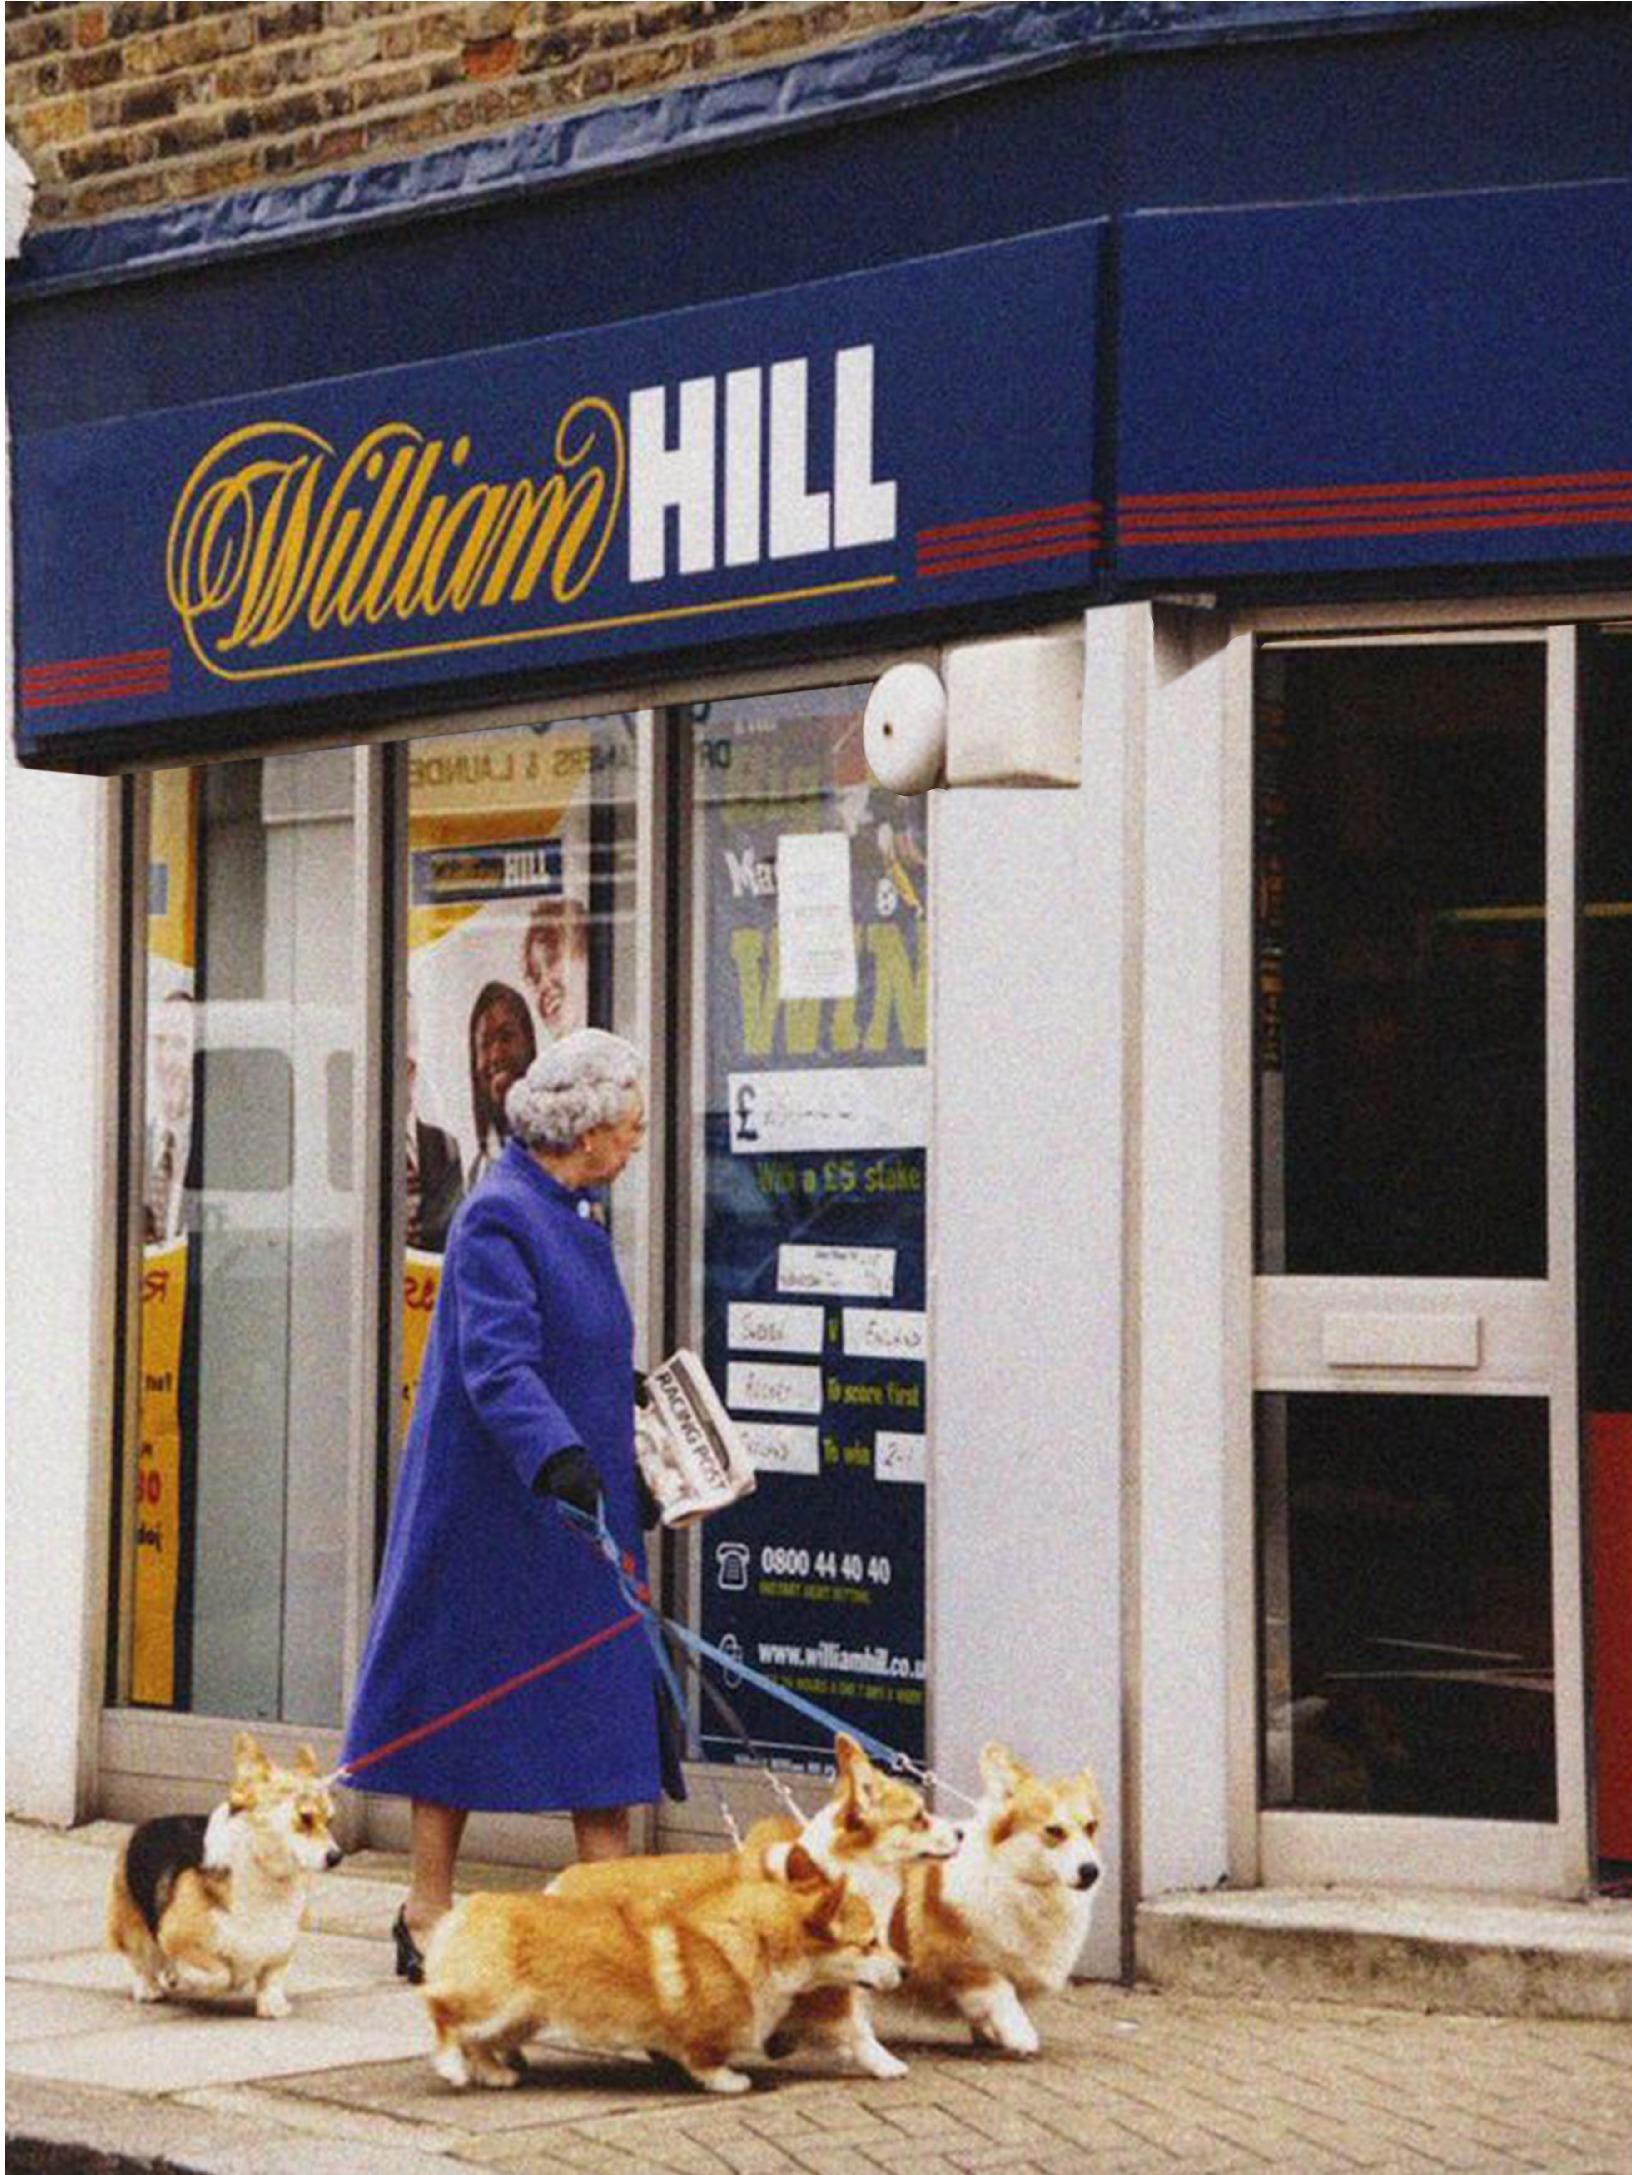 Queen - William Hill